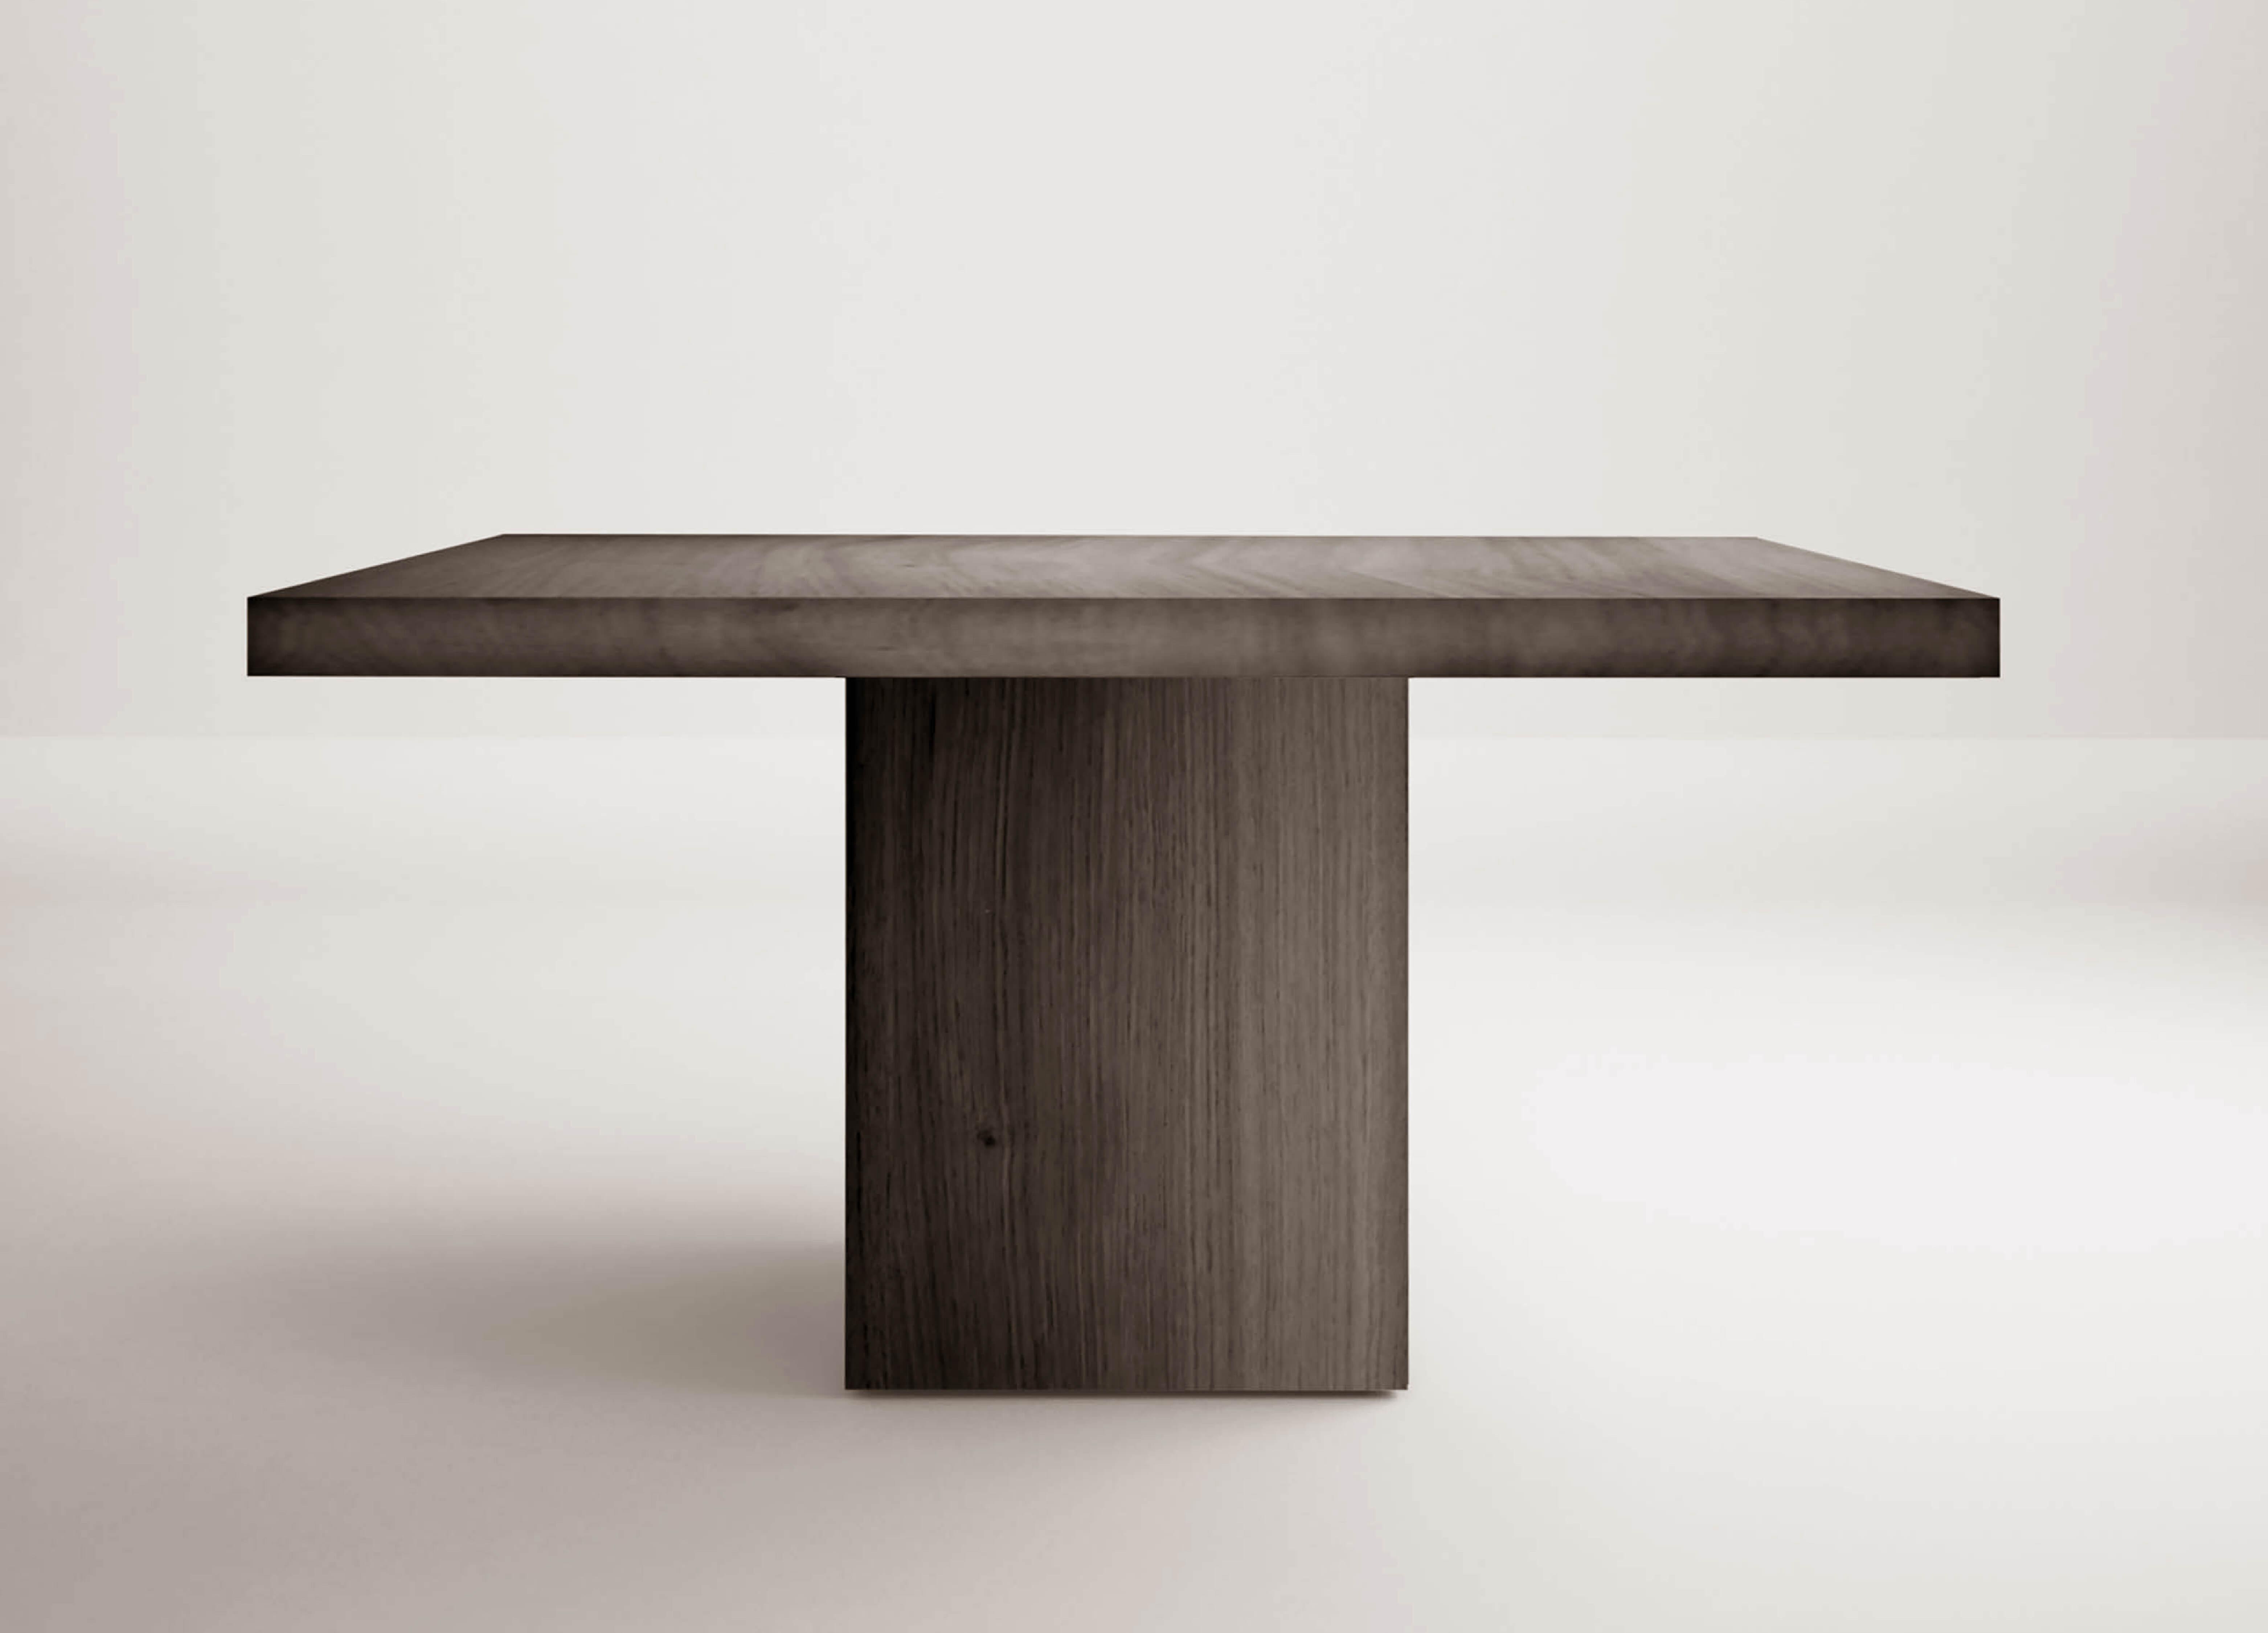 est living ht304 table henrytimi 01